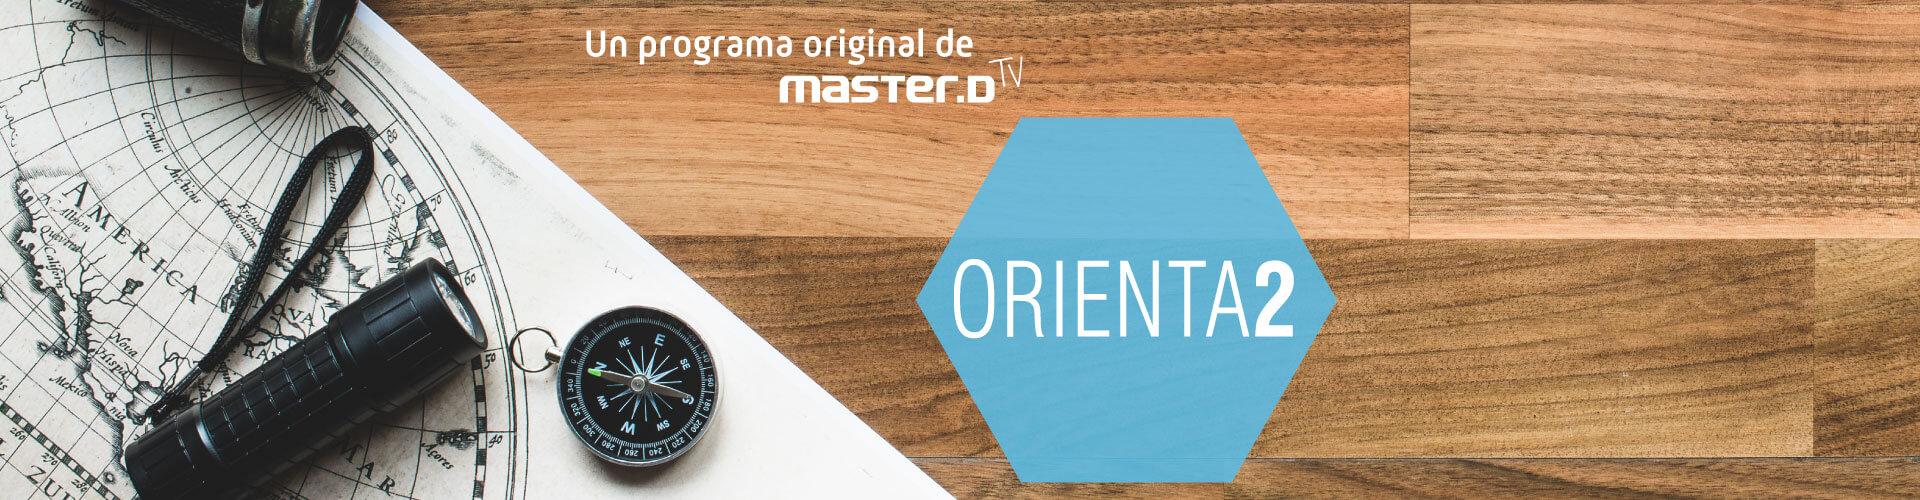 Orienta2